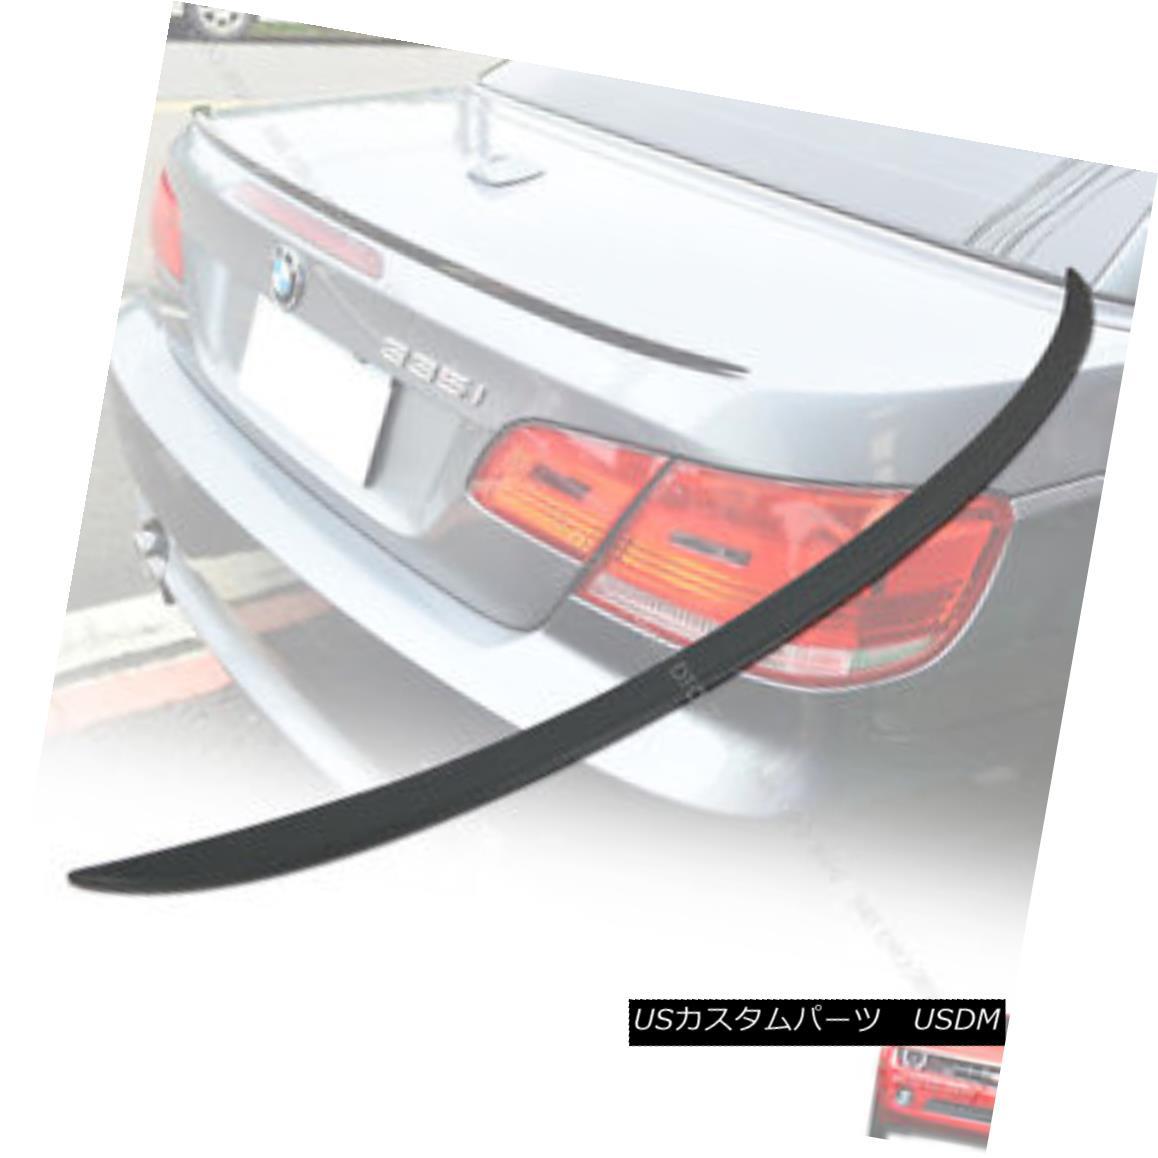 エアロパーツ Unpainted E93 BMW M3 Type 3-Series Trunk Spoiler Rear Wing 08 13 § 未塗装E93 BMW M3タイプ3シリーズトランクスポイラーリアウイング08 13